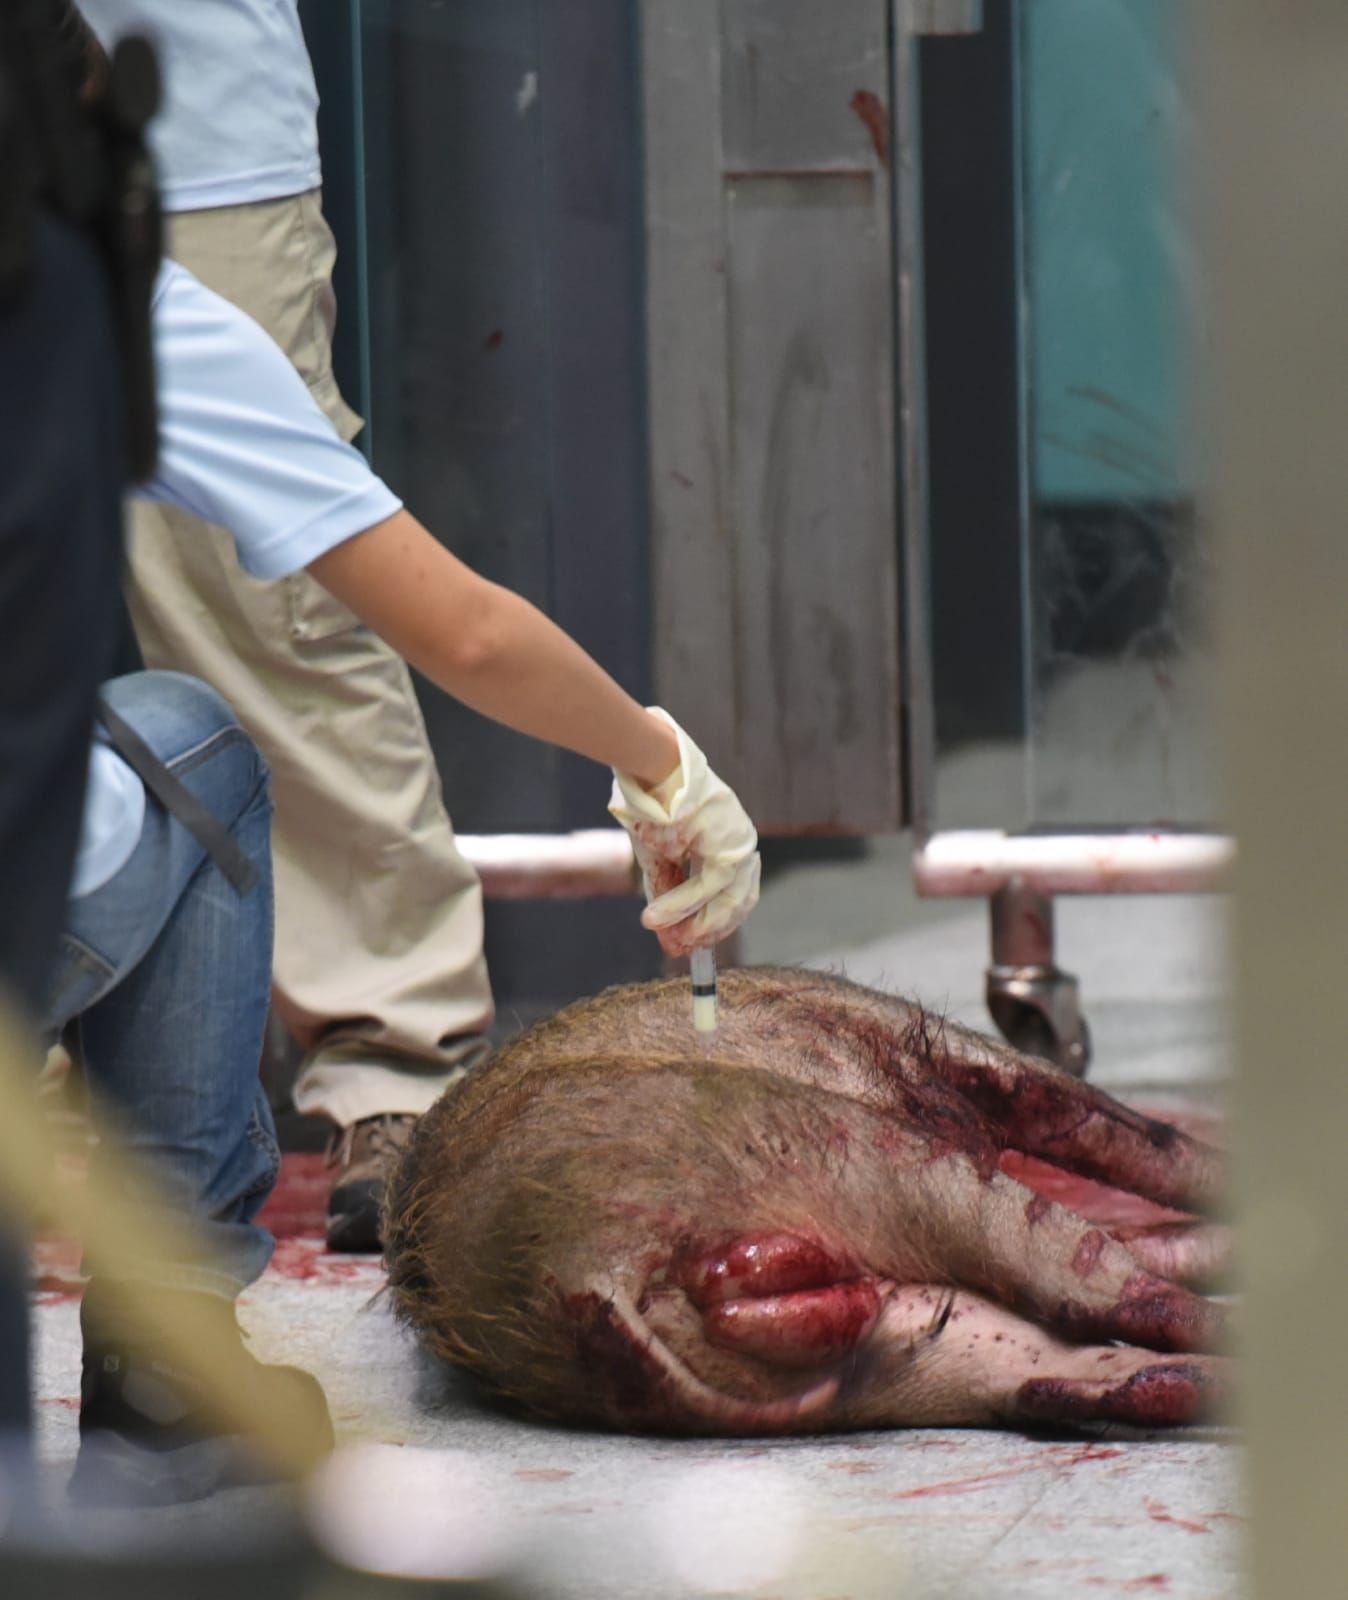 漁護署人員接報到場,並對野豬開兩發麻醉槍,其後將牠運走。